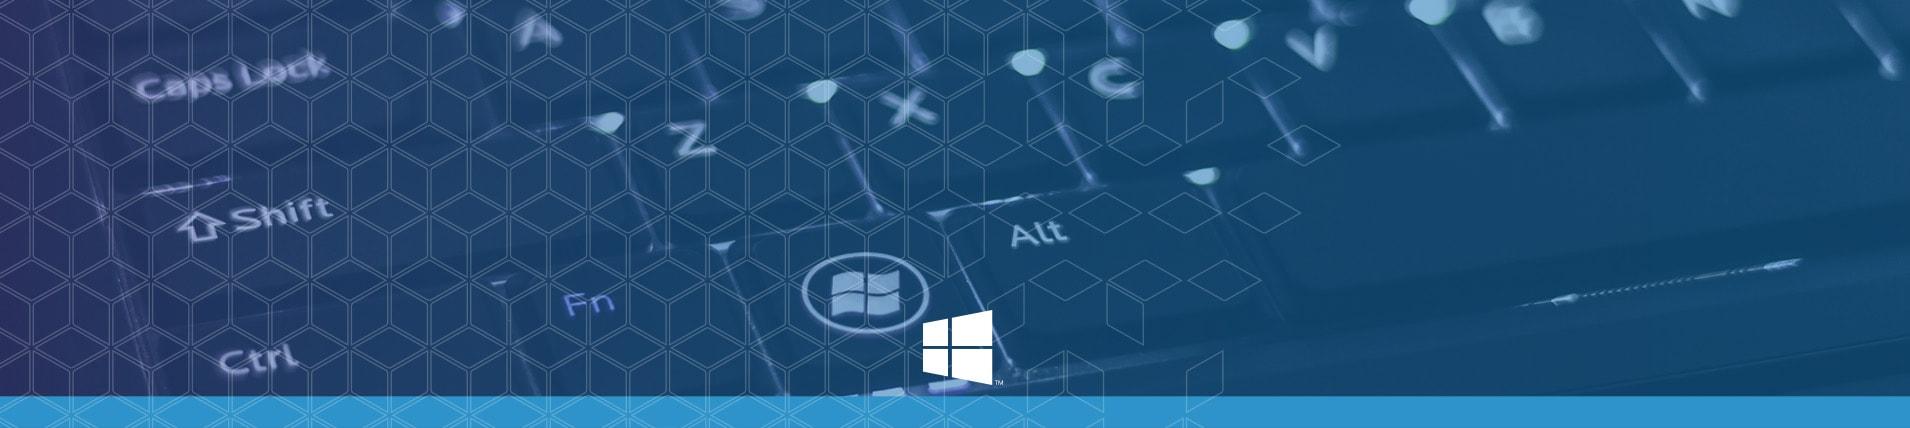 Curso de Windows Server 2016 | Auribox Training